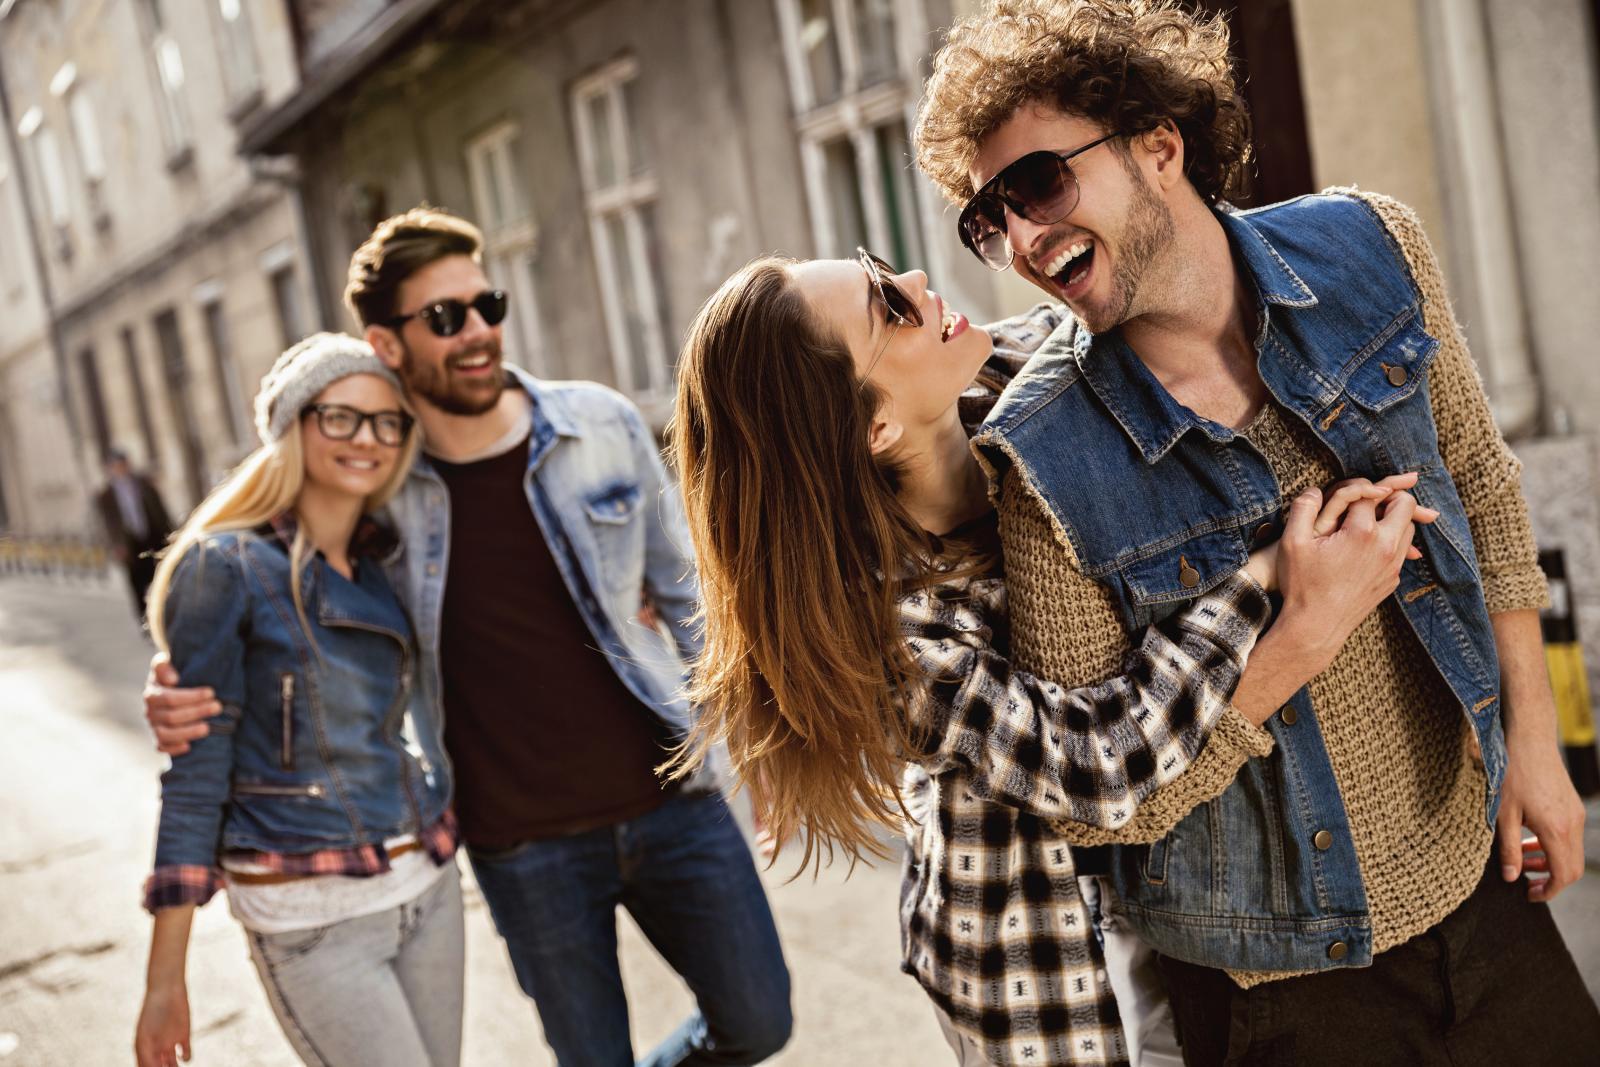 Smijanje, druženje s obitelji i prijateljima i osjećaj sreće mogu učiniti da se osjećamo bolje i davati nam poticaj.